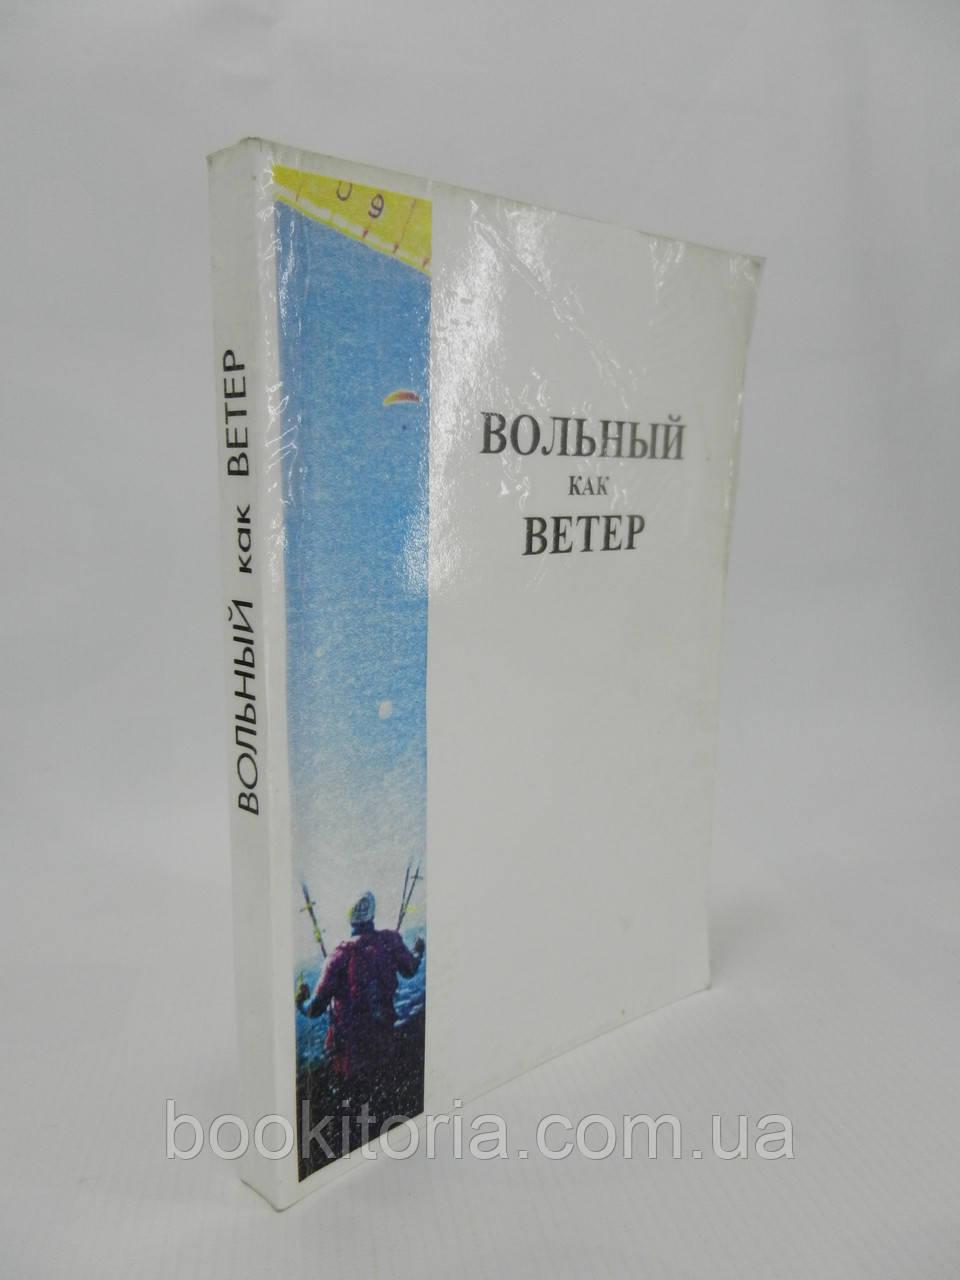 Пэген Д. Вольный как ветер (б/у).